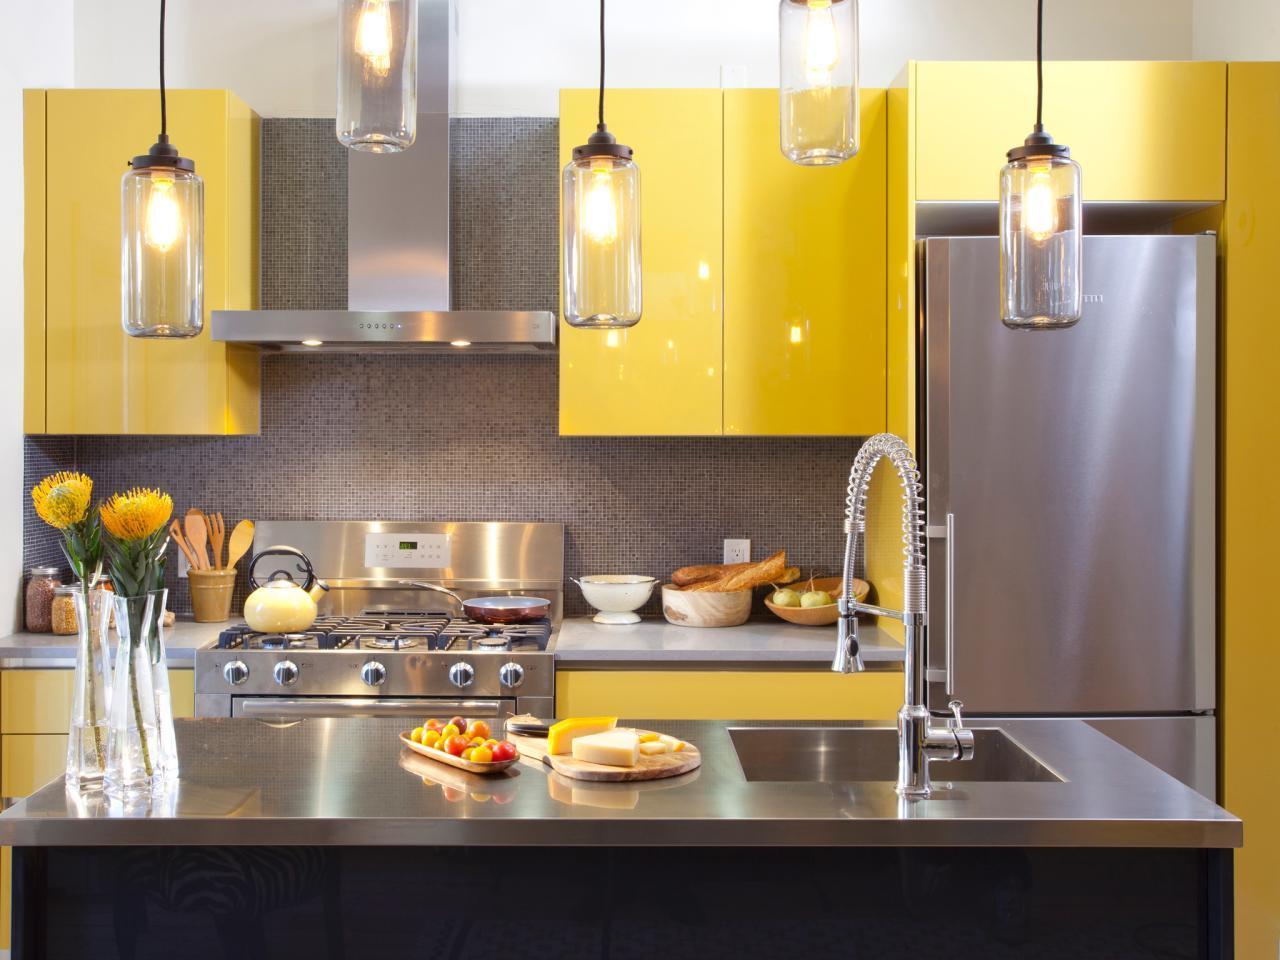 küchenfronten austauschen: 23 ideen zur kompletten Änderung